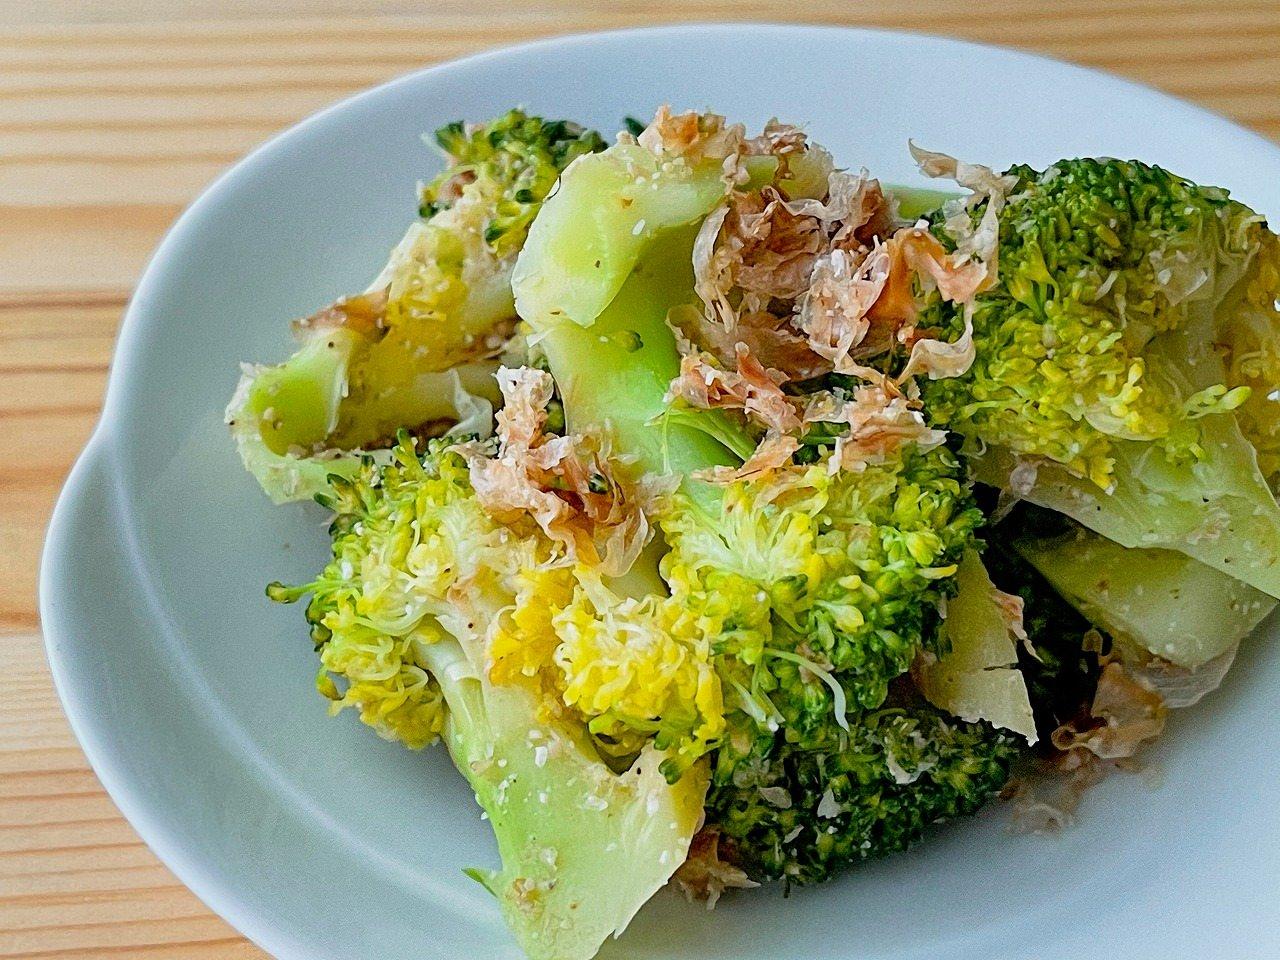 【野菜ひとつ】ブロッコリーの胡麻おかか和え